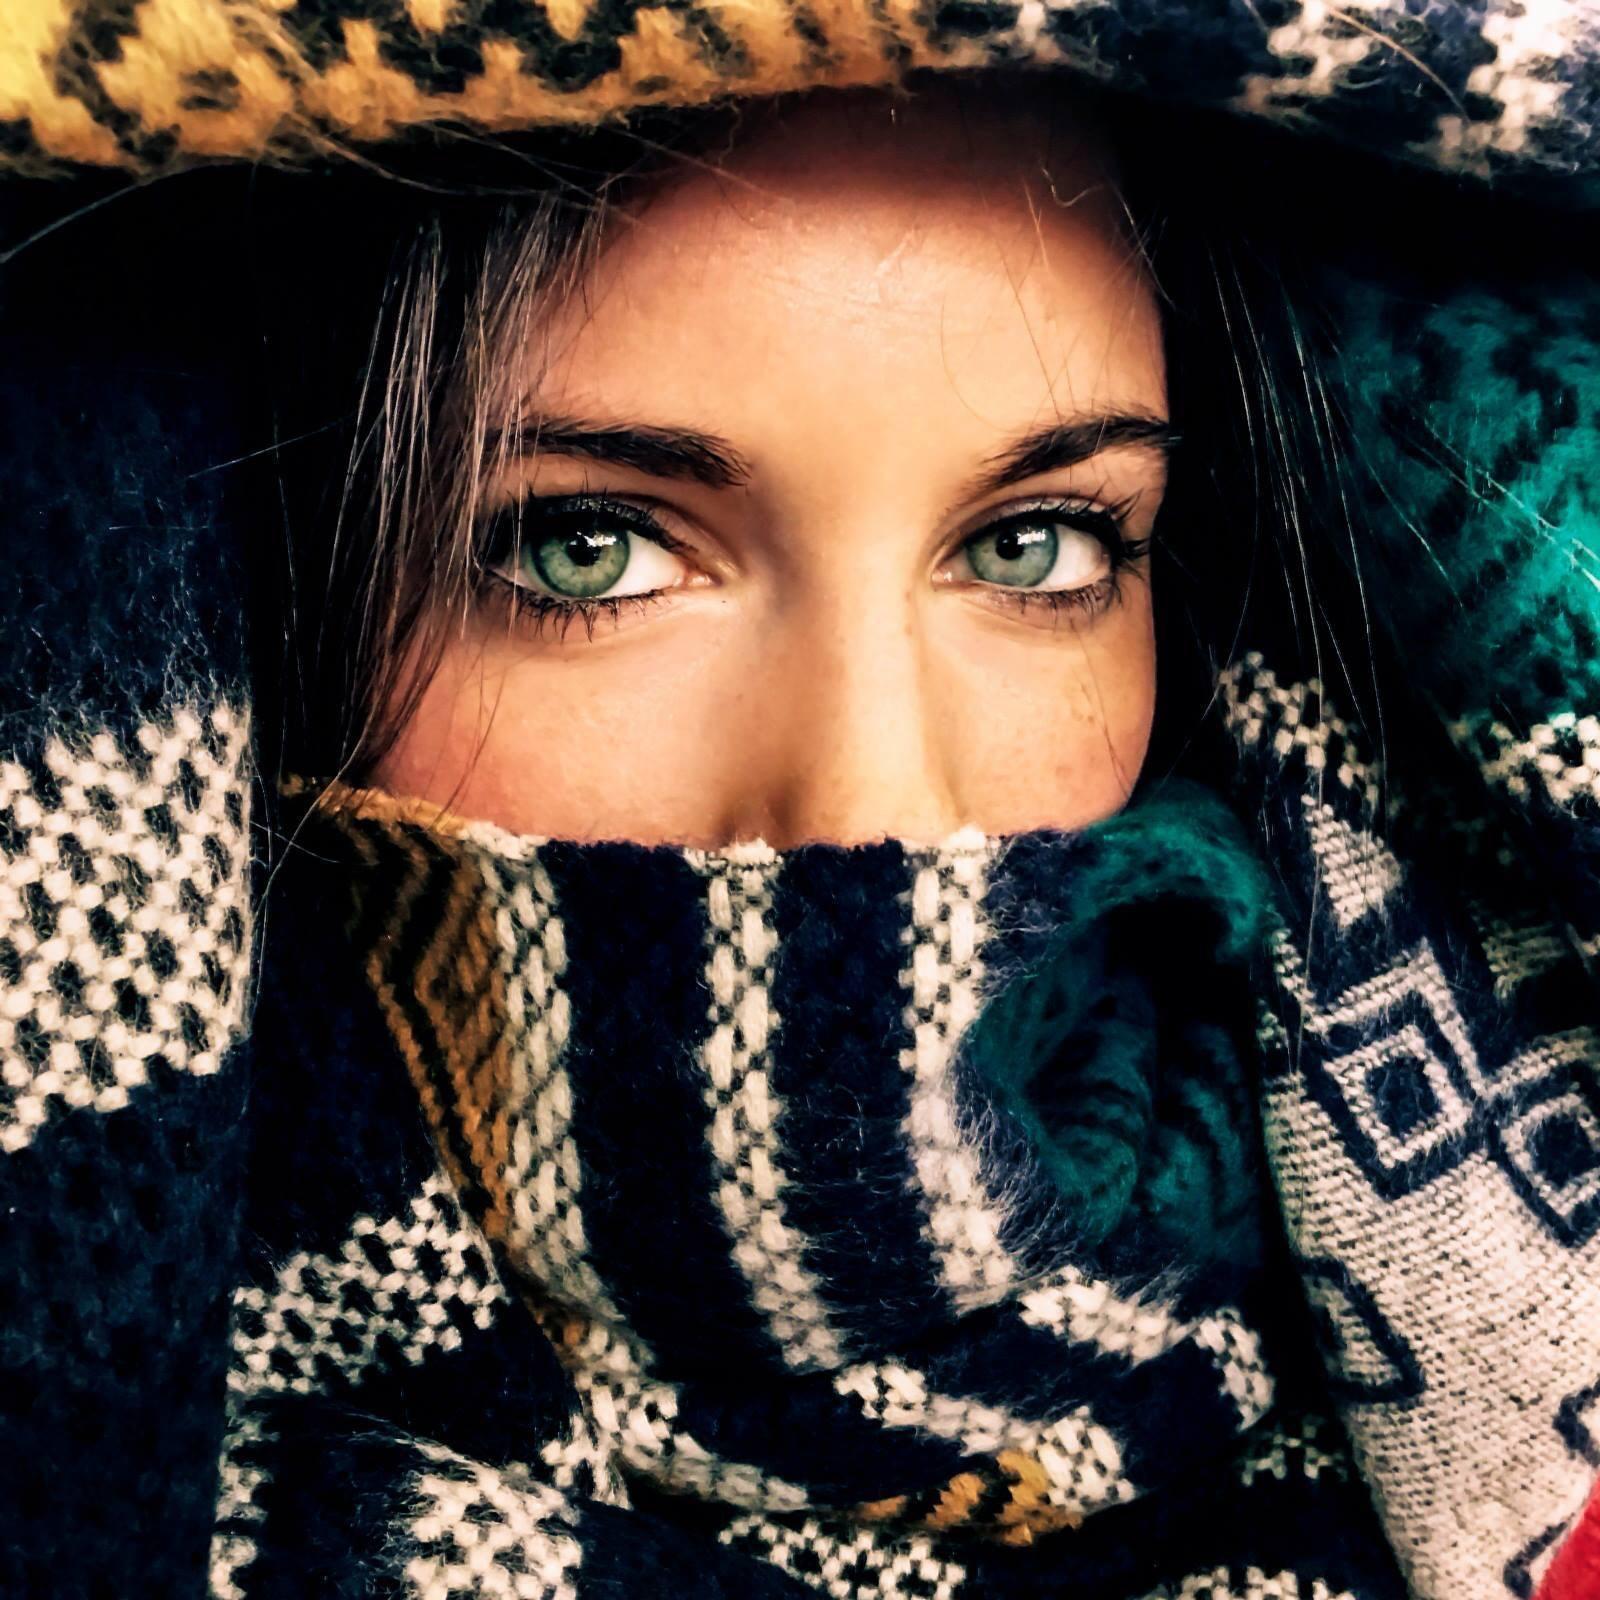 Go to Cristina Gottardi's profile